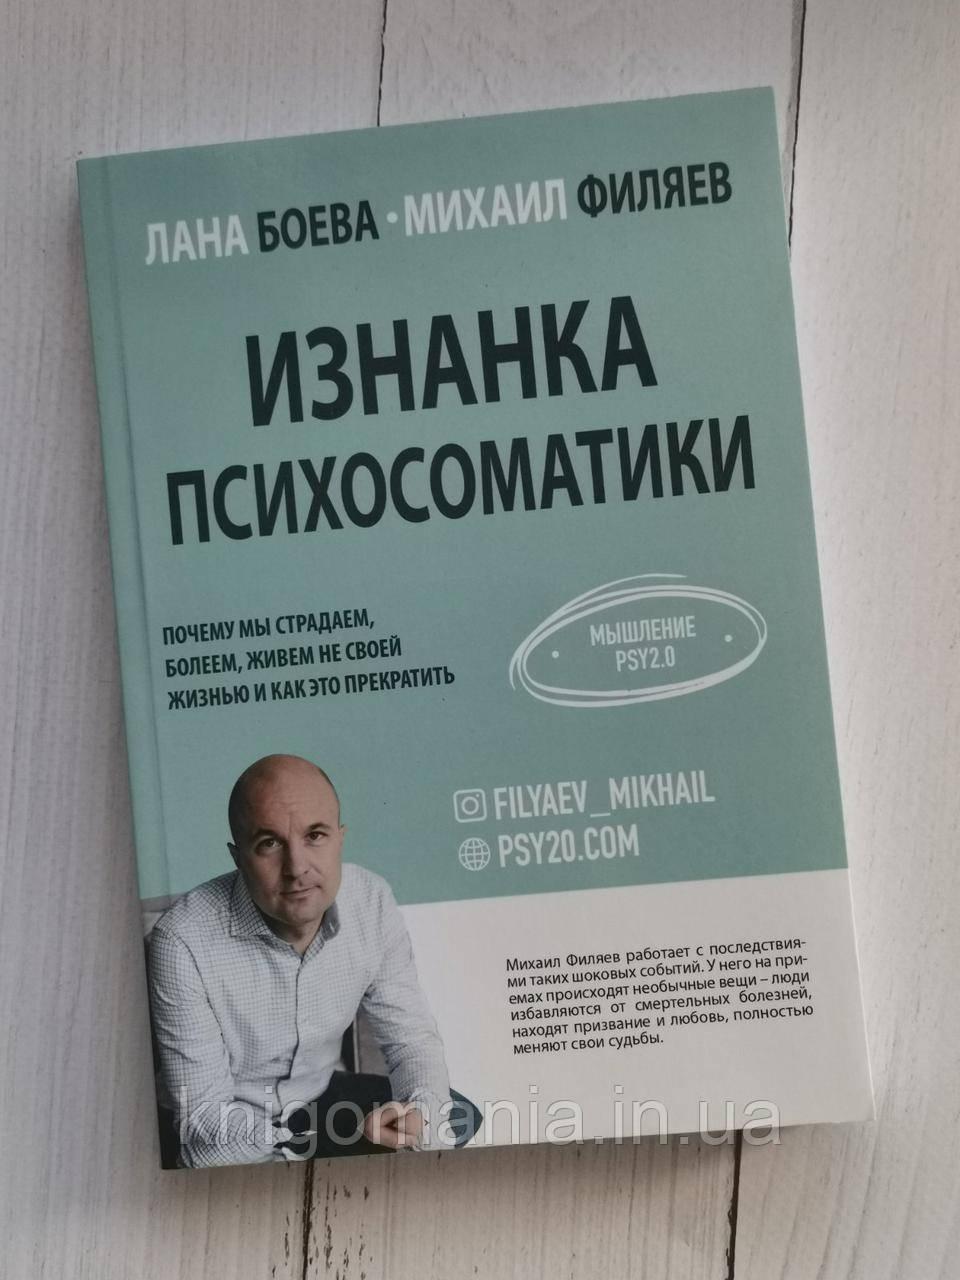 Изнанка психосоматики. Мышление PSY 2.0. Лана Боева, Михаил Филяев